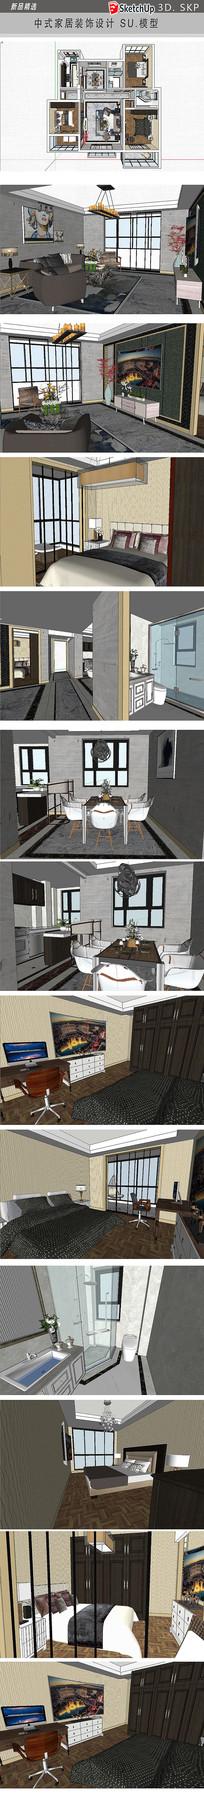 中式家居装饰设计